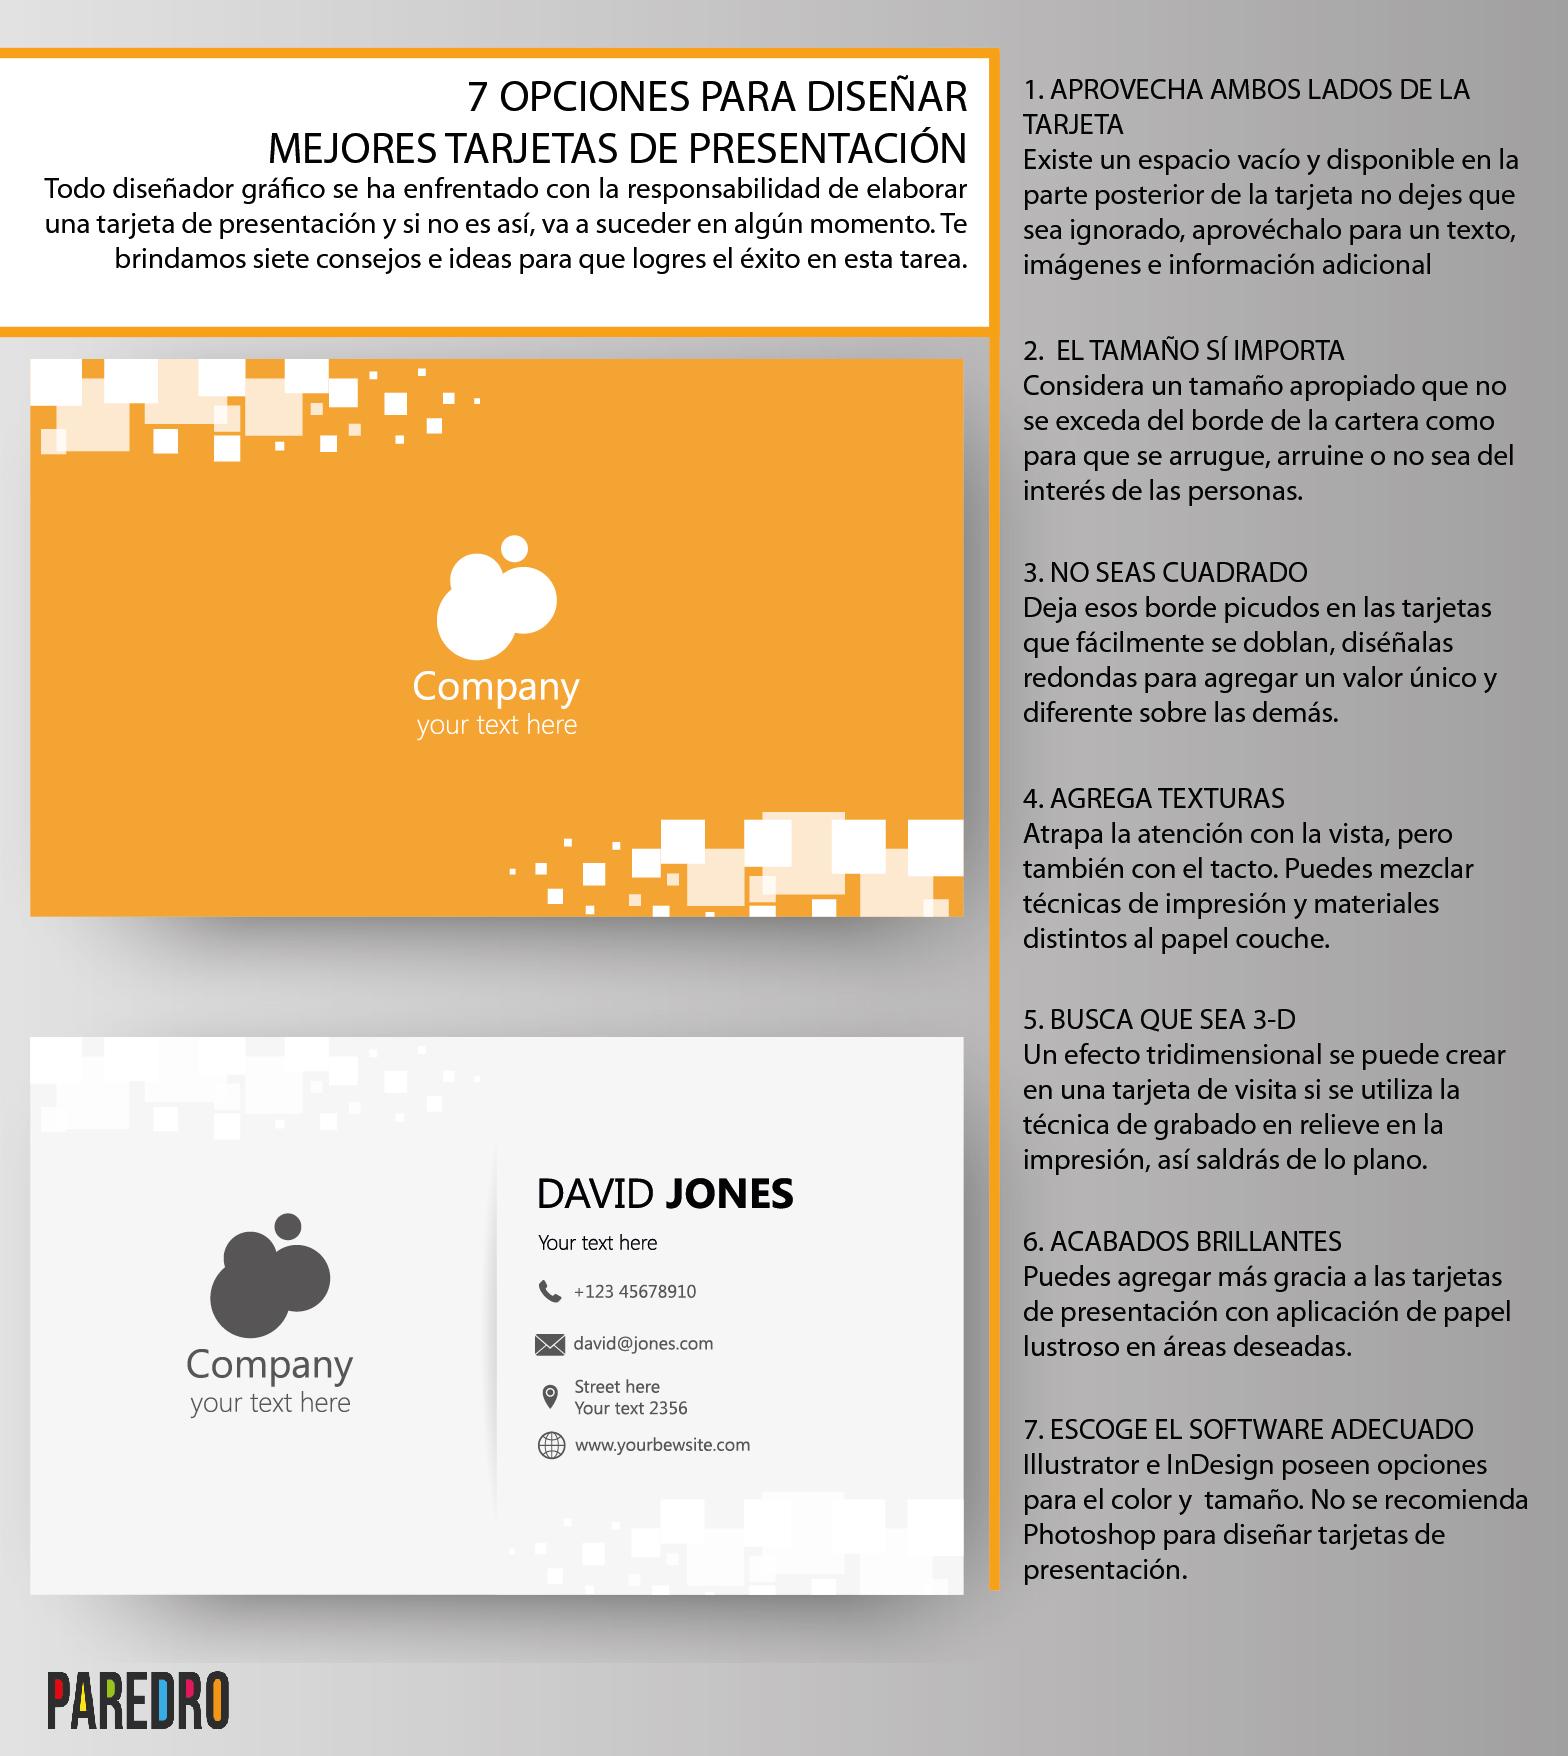 Infografía: 7 maneras de diseñar mejores tarjetas de presentación ...